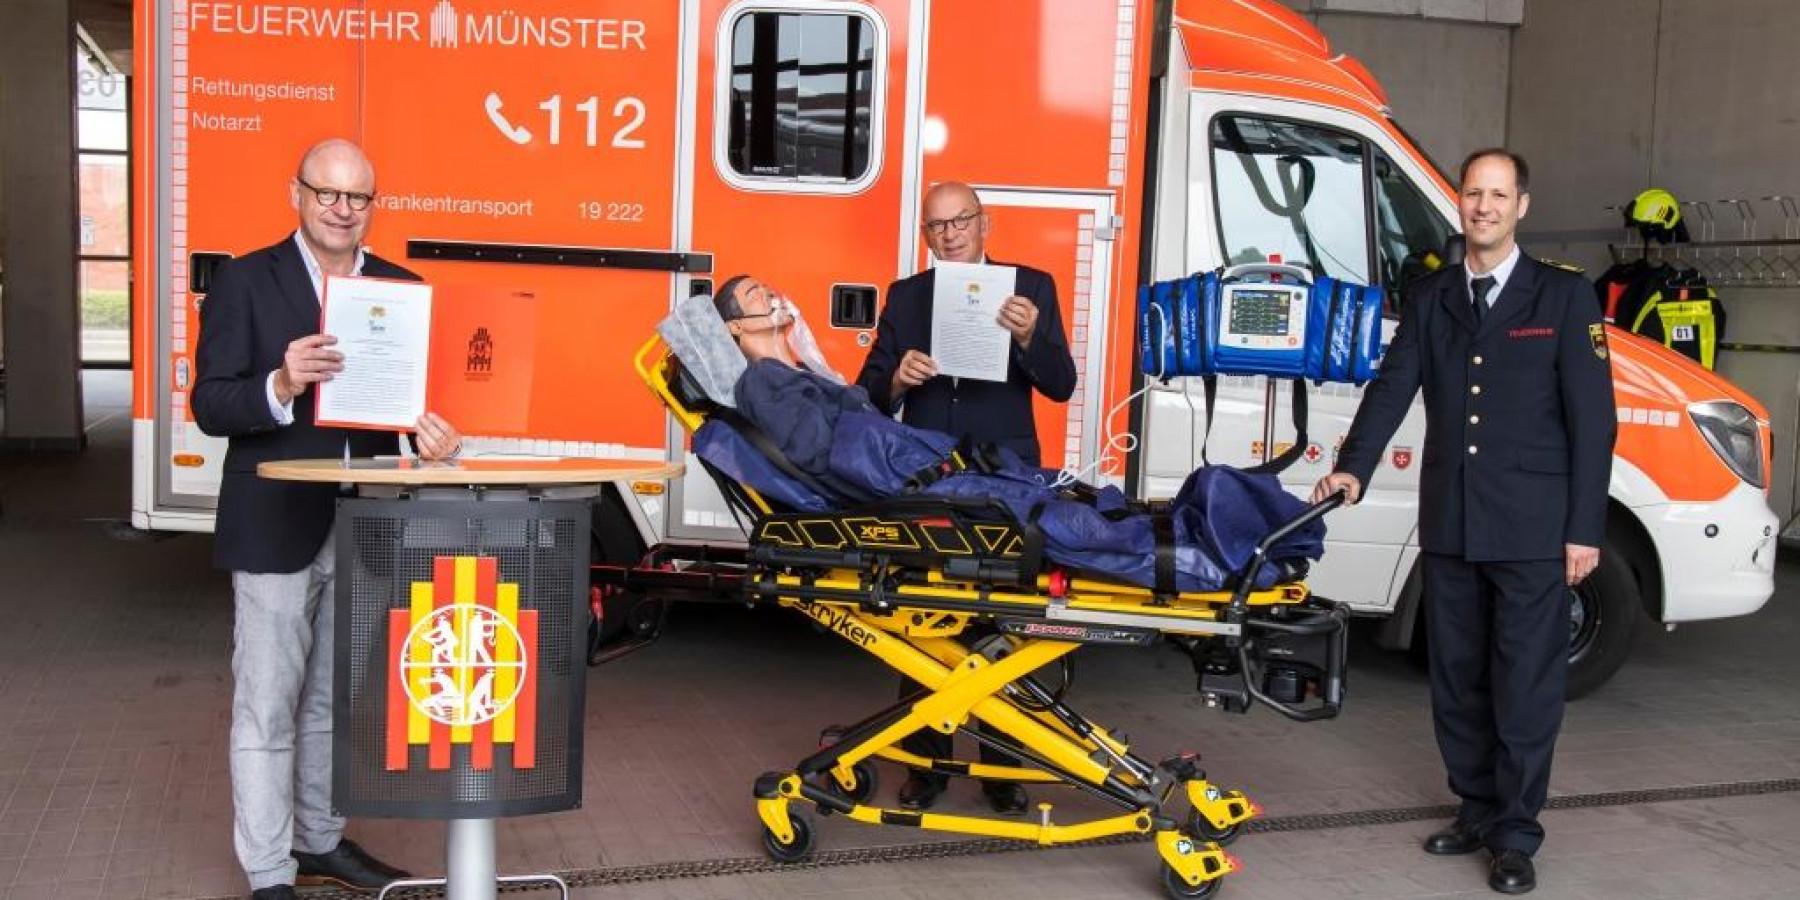 Stadt Münster und Universitätsklinikum kooperieren bei digitaler Notfallversorgung im Rettungsdienst